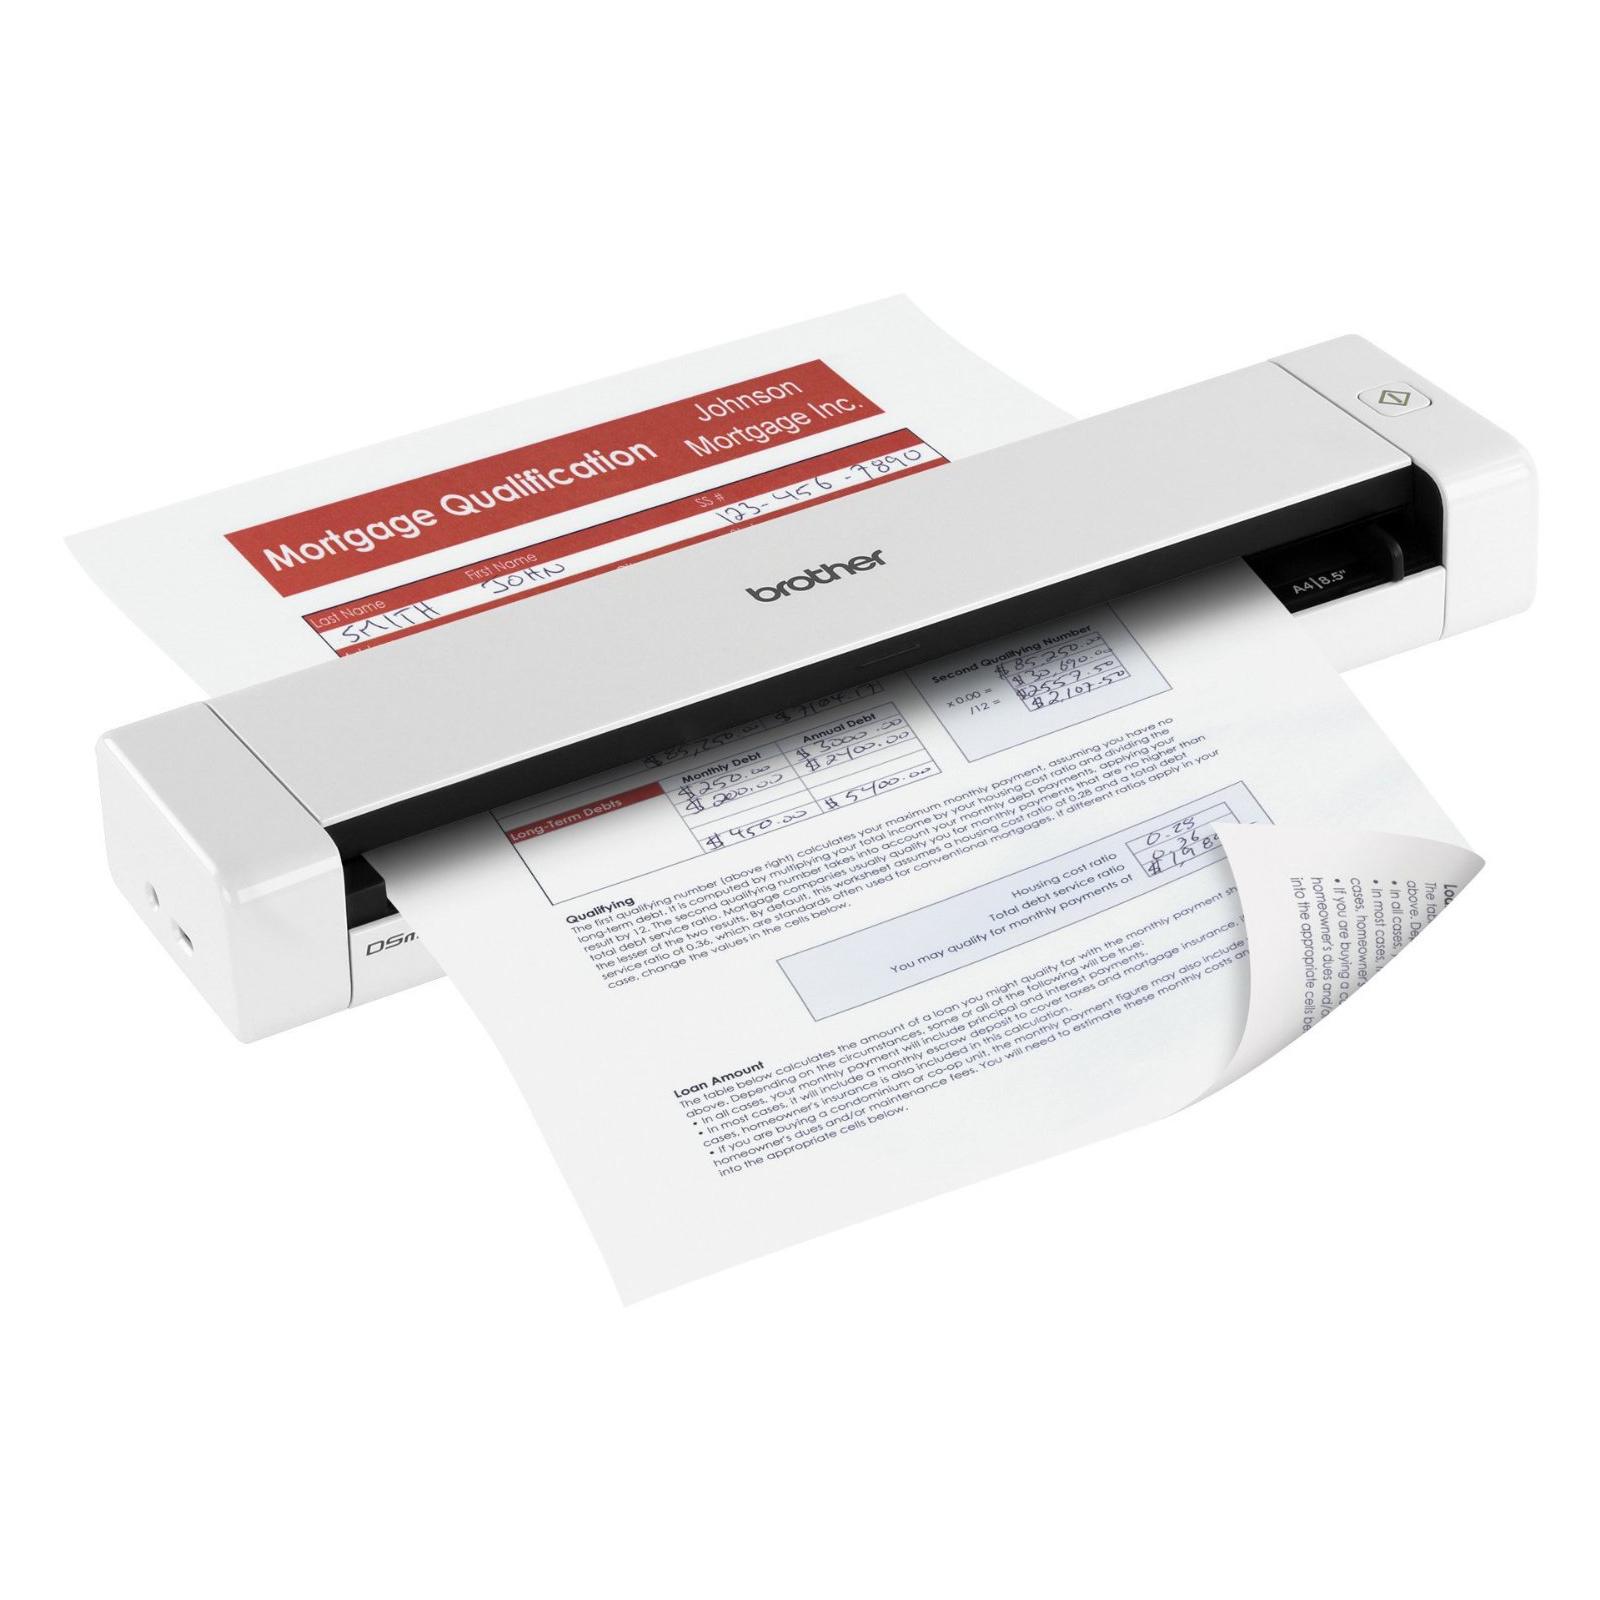 Сканер Brother DS-720D (DS720DZ1) изображение 6